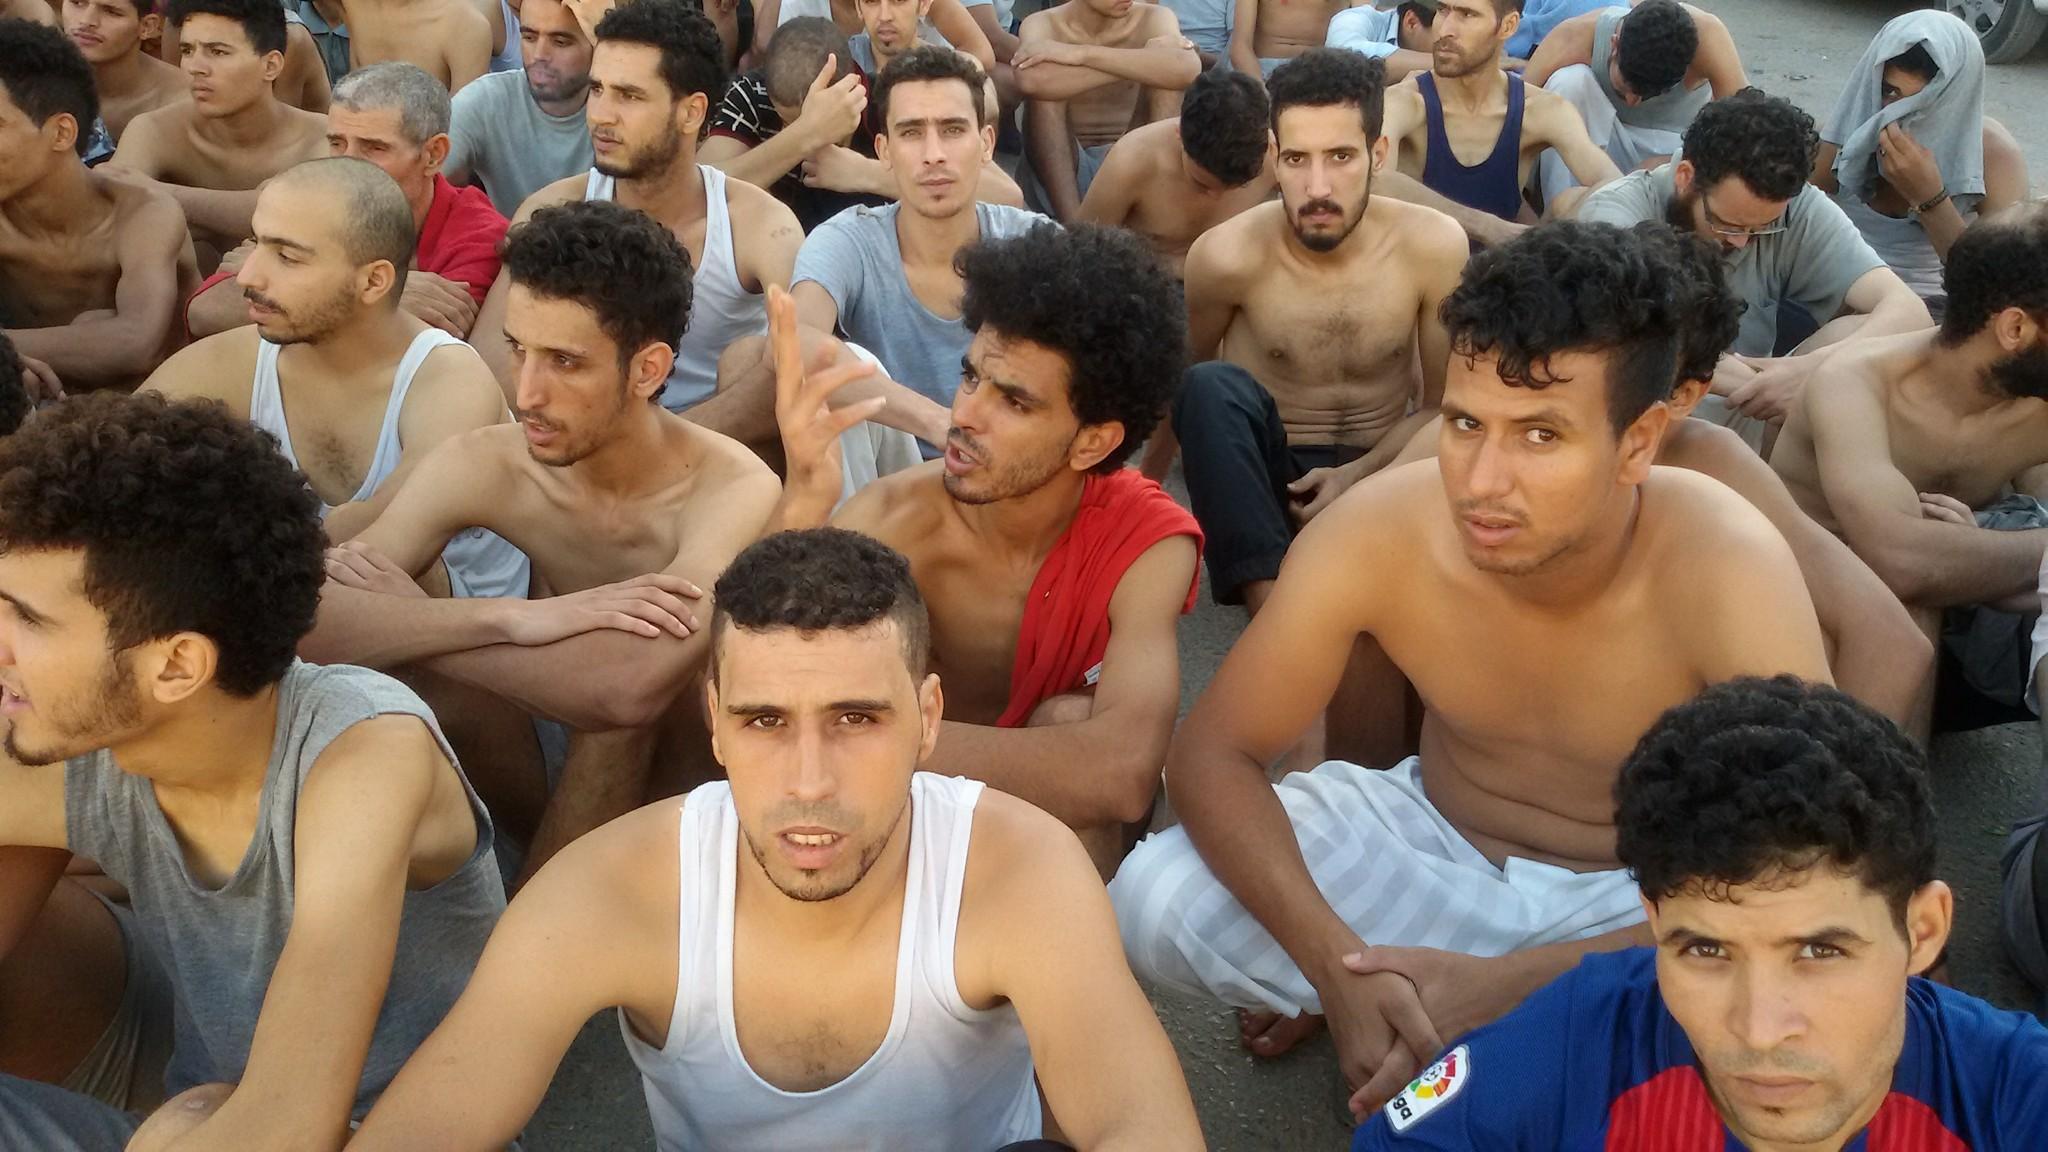 مغاربة محتجزون بليبيا يضربون عن الطعام.. وهذه هي الأسباب